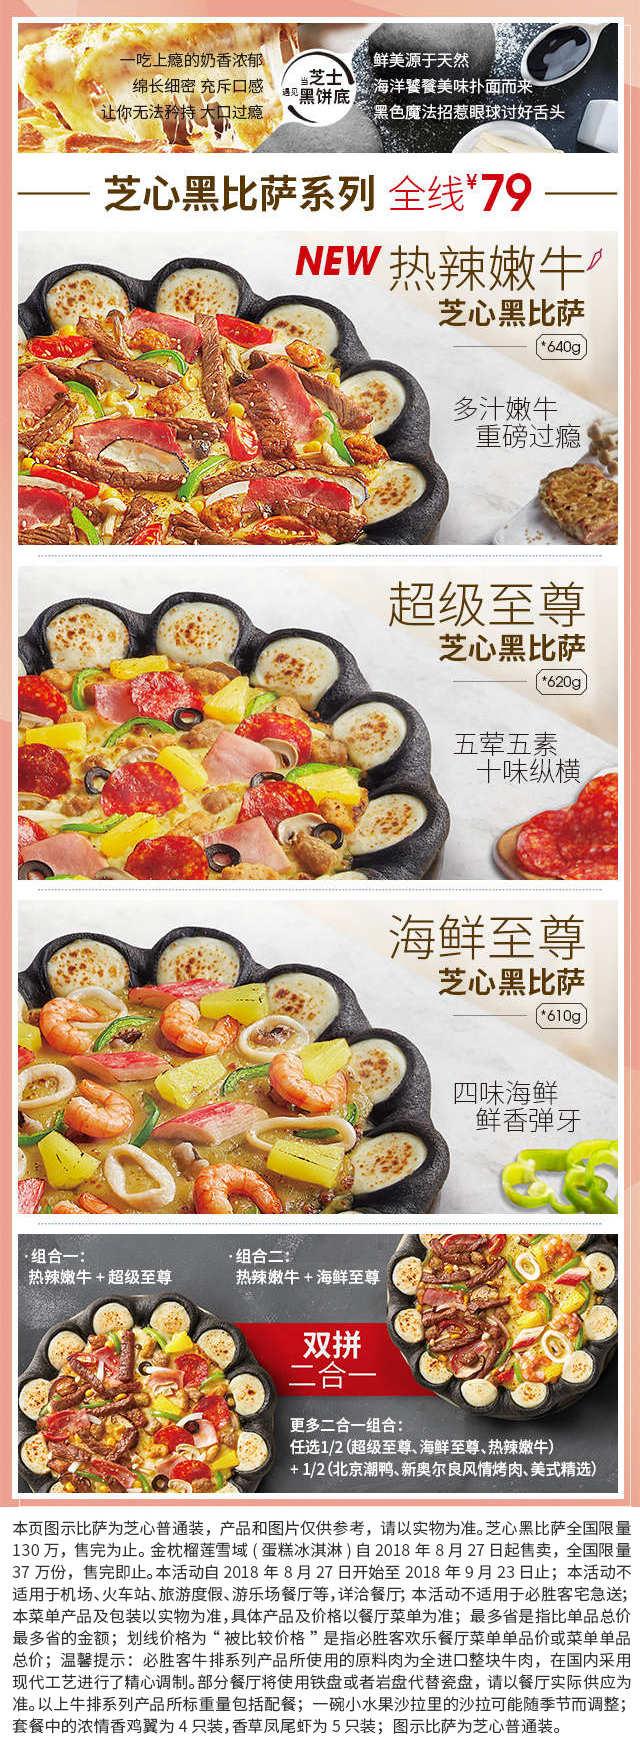 必胜客芝心黑饼底比萨系列全线79元,热辣嫩牛、超级至尊、海鲜至尊 有效期至:2018年9月23日 www.5ikfc.com